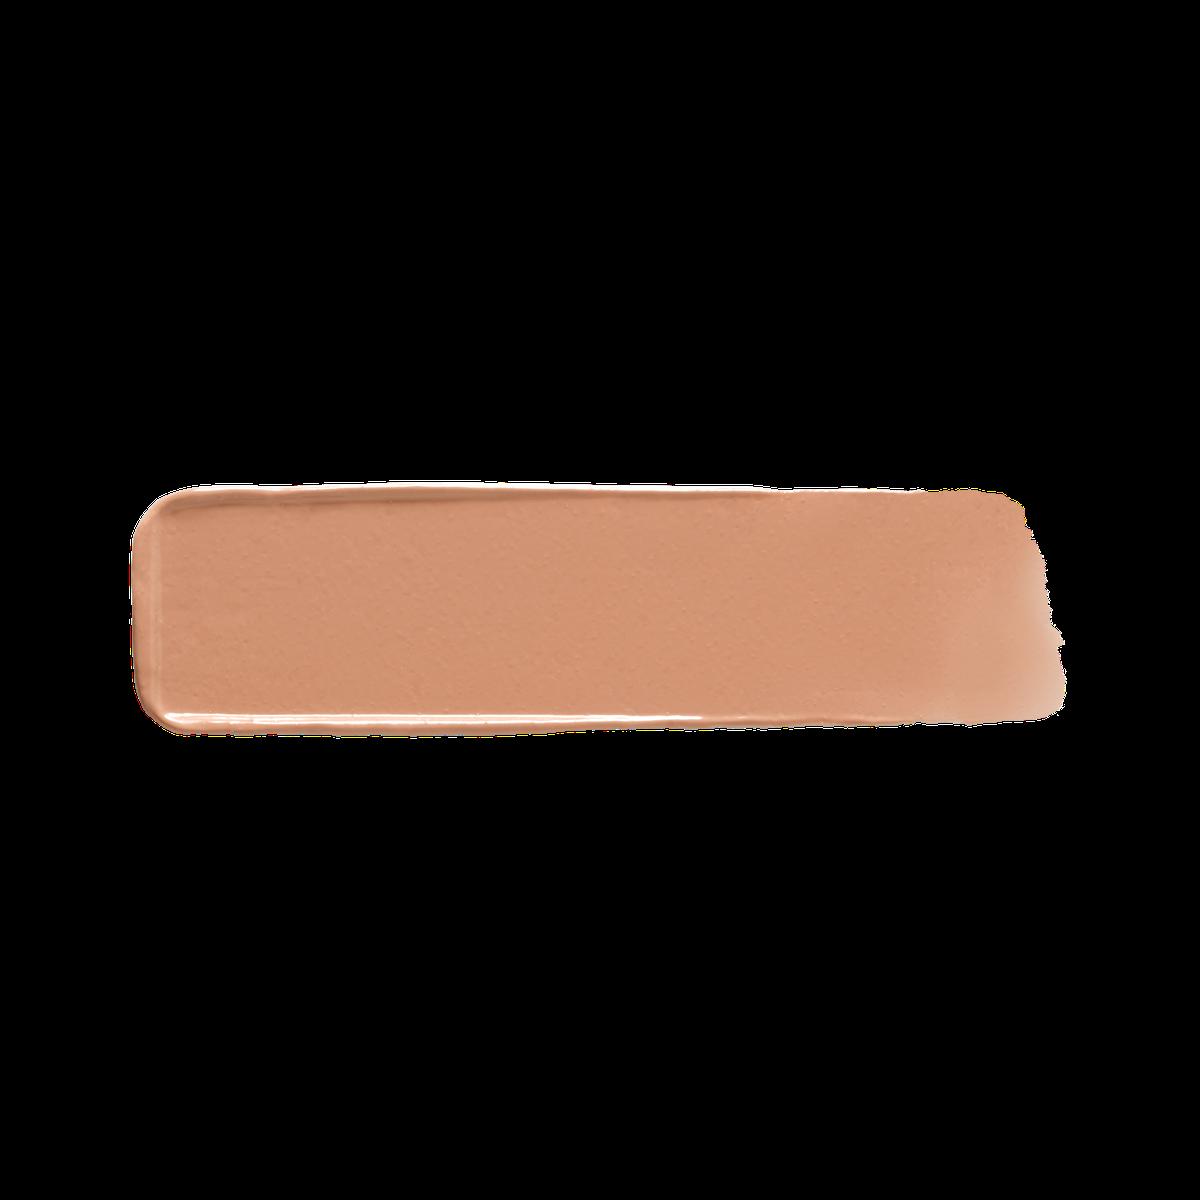 رژلب ژیوانشی مدل Interdit Satin رنگ 01 Secret Nude